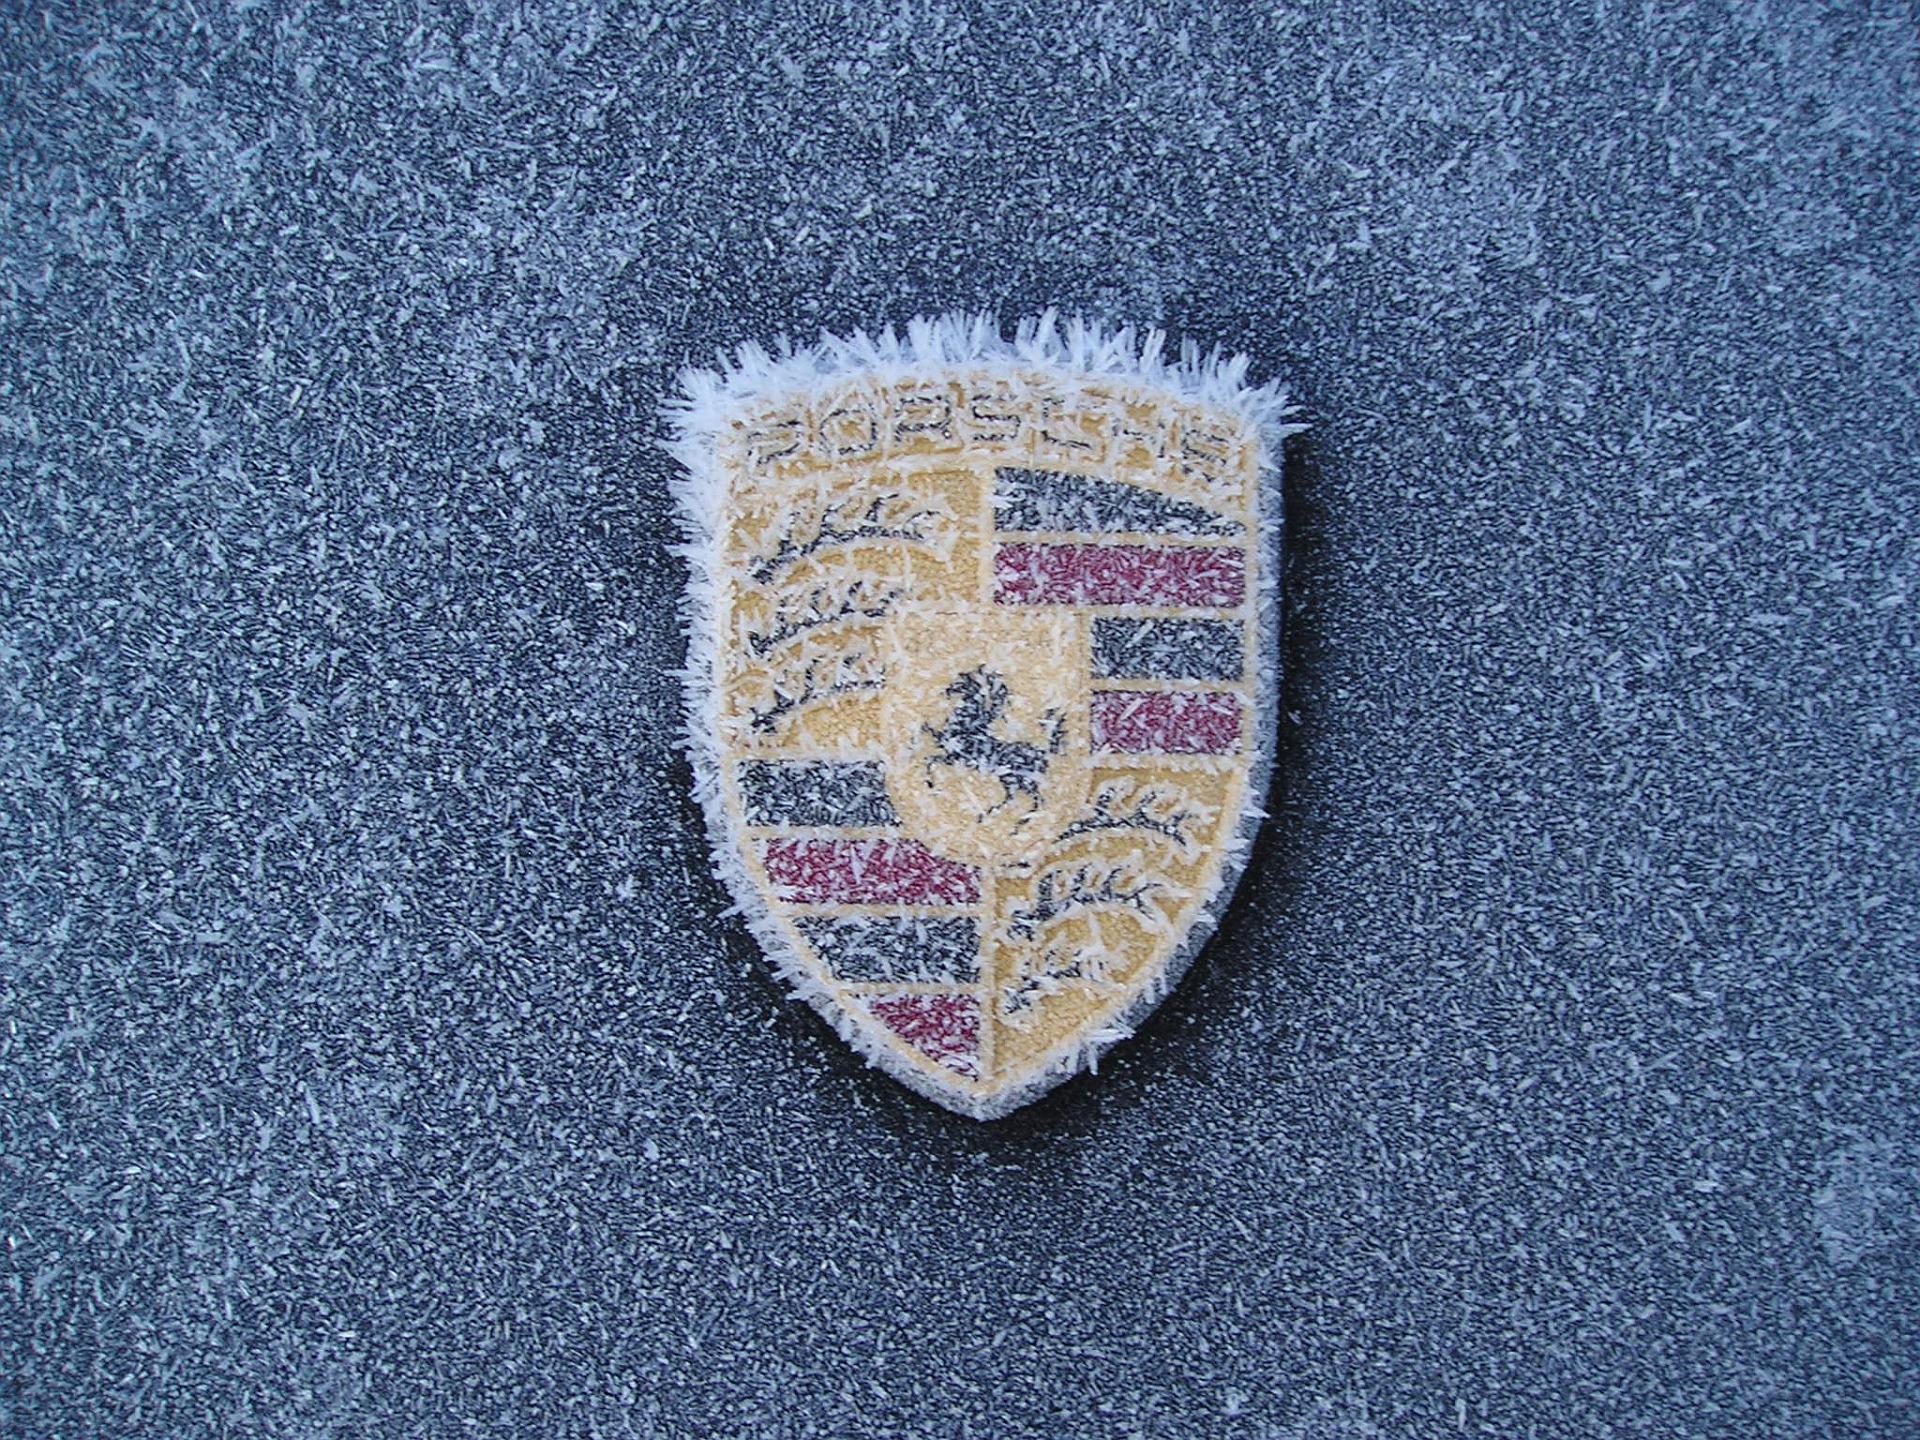 icy porsche emblem wallpaper 1920 pixel